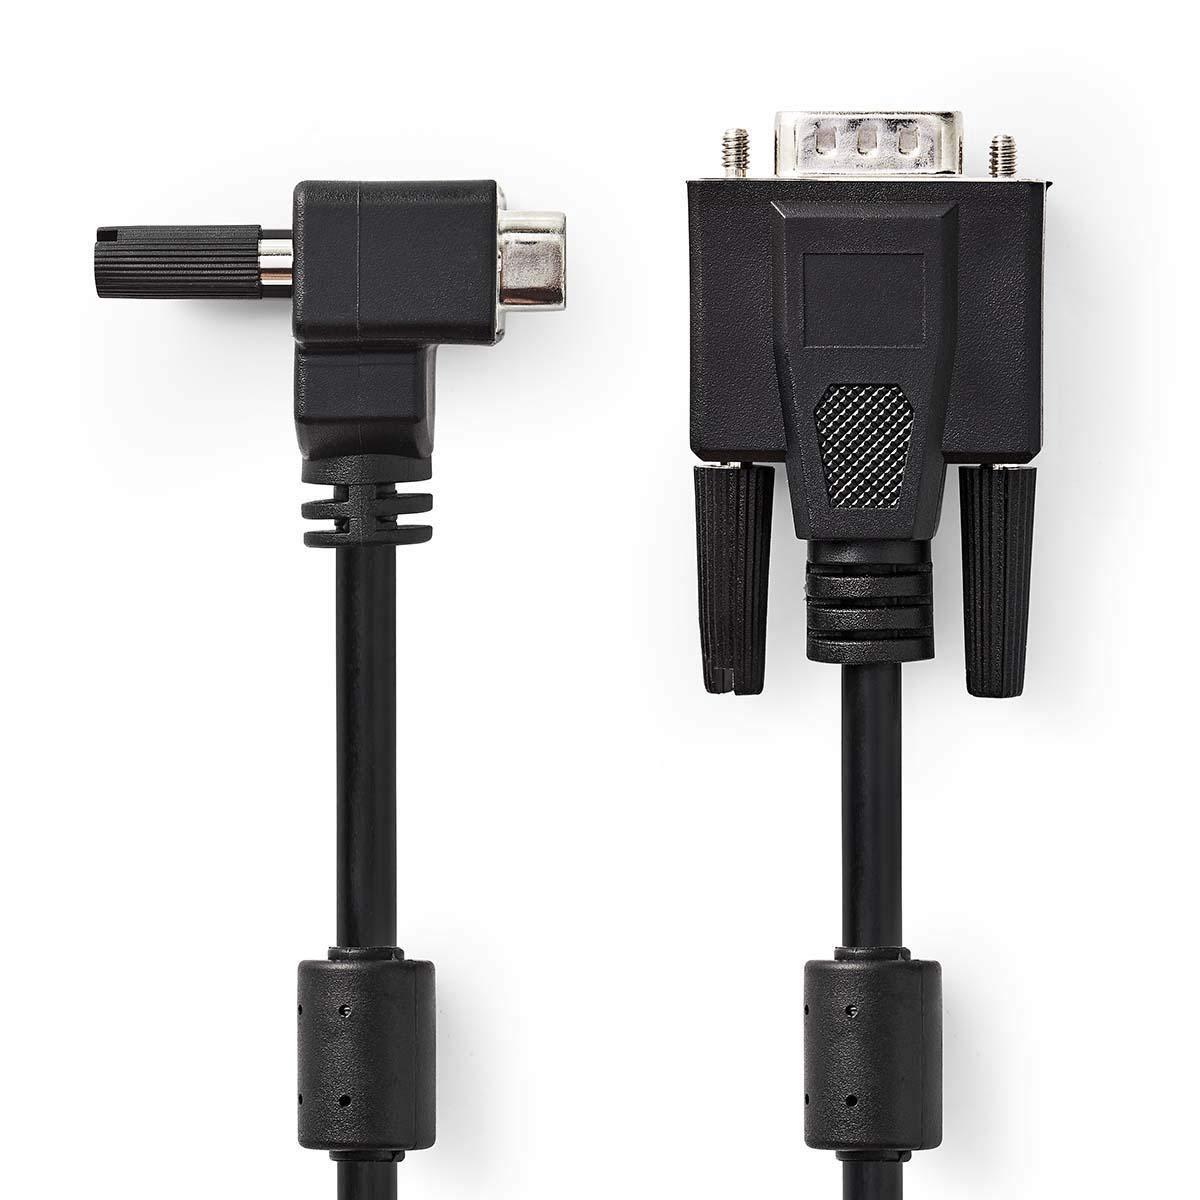 tronicxl ángulo Conector VGA Cable ángulo Conector para proyector ...